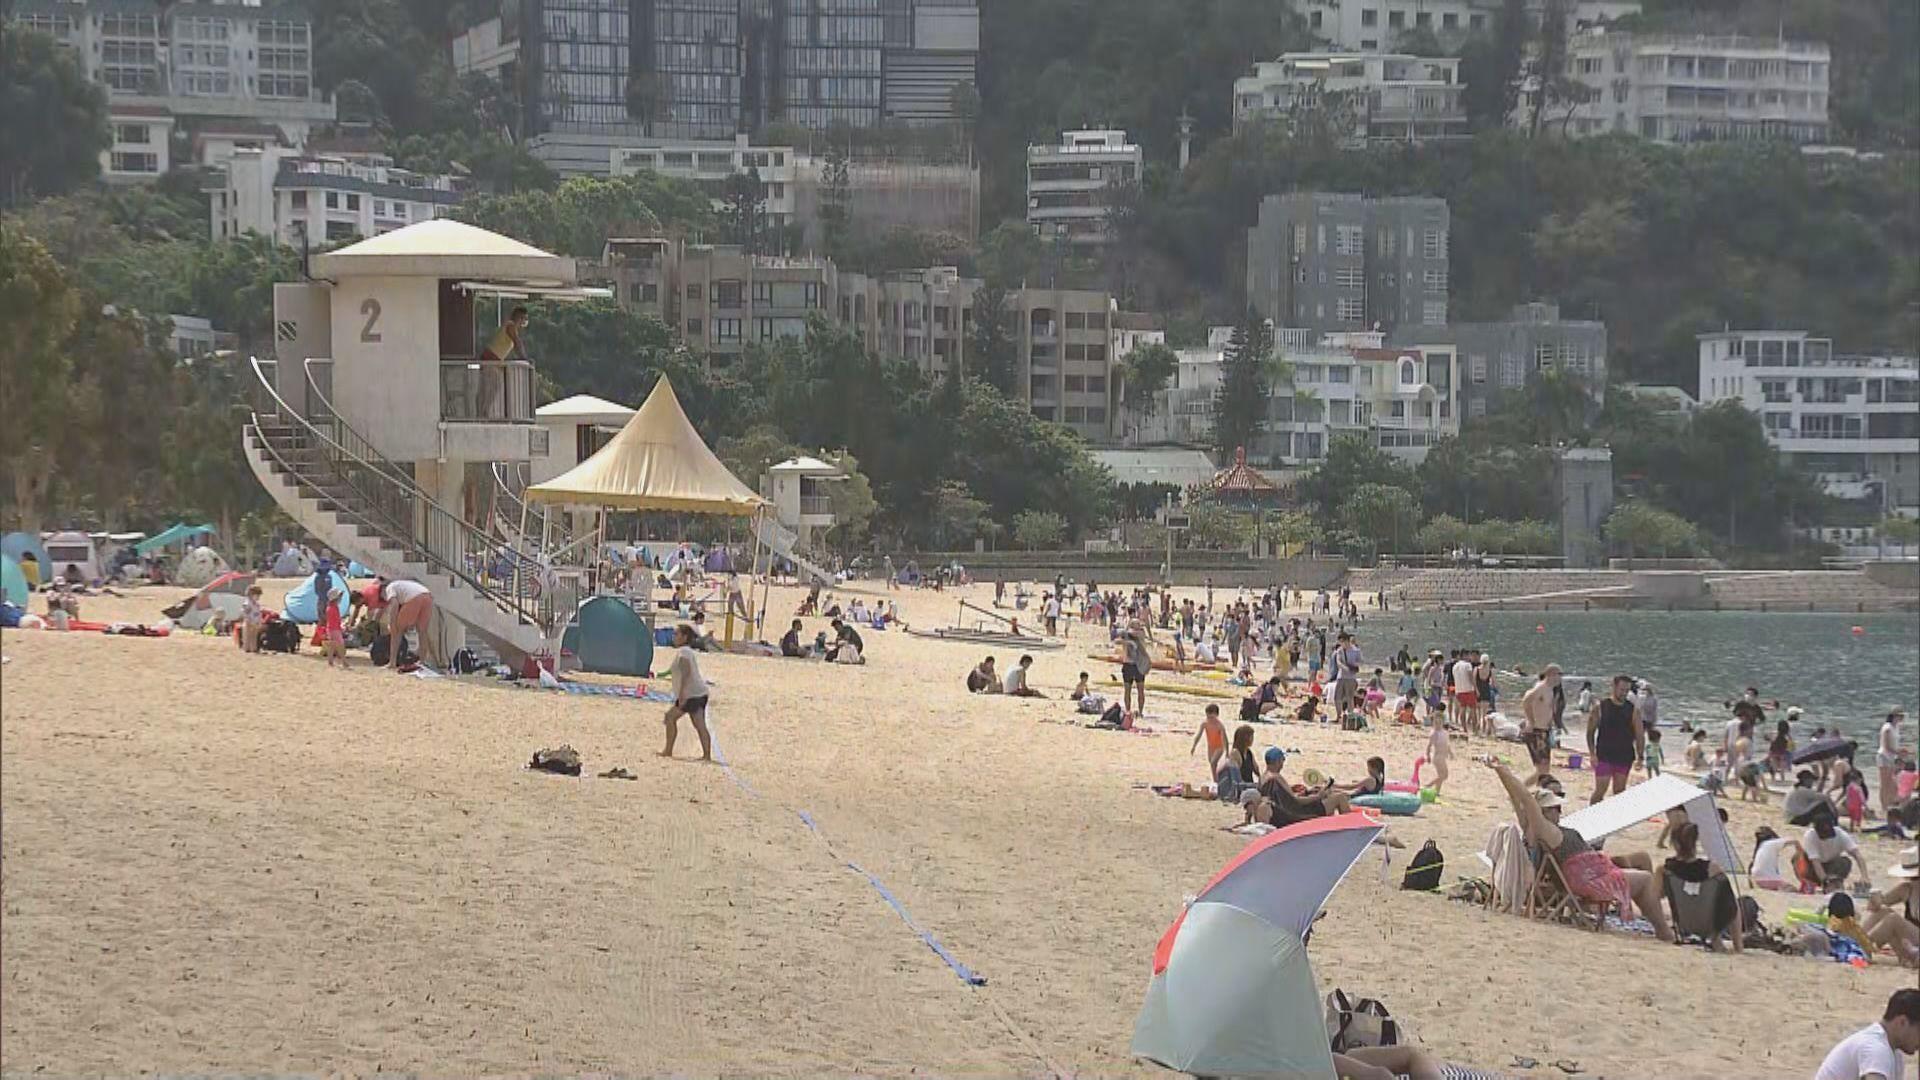 市民趁泳灘重開嬉水 部分人戴口罩守防疫令